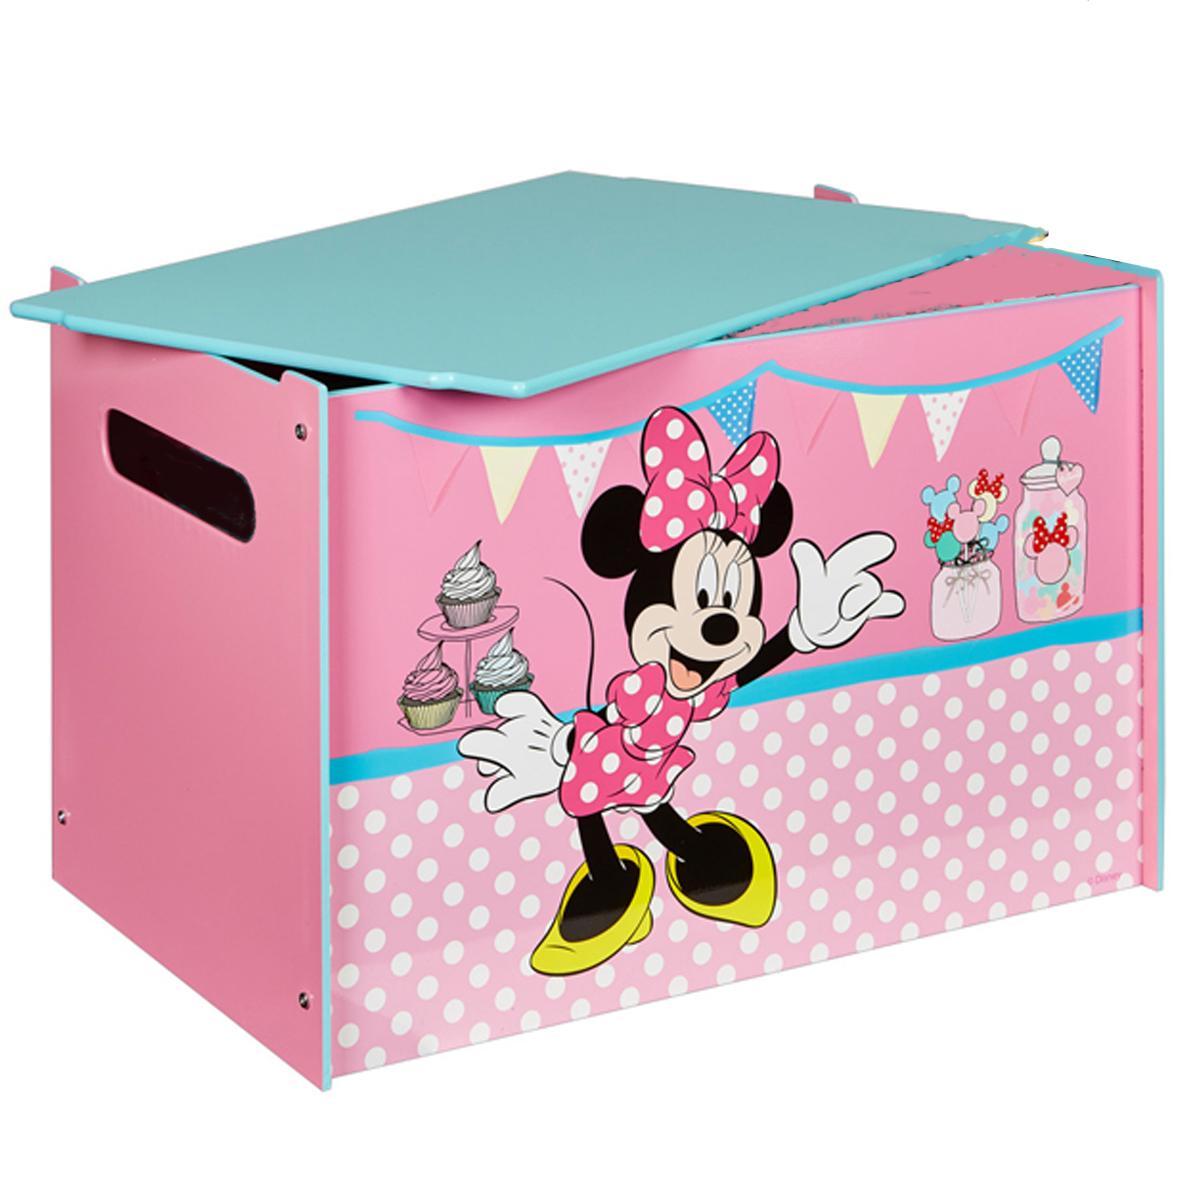 Full Size of Aufbewahrungsbox Mit Deckel Kinderzimmer Aldi Disney Minnie Mouse Toy Bomdf Spielzeugkiste Bett 160x200 Lattenrost Und Matratze Bettkasten 90x200 180x200 Kinderzimmer Aufbewahrungsbox Mit Deckel Kinderzimmer